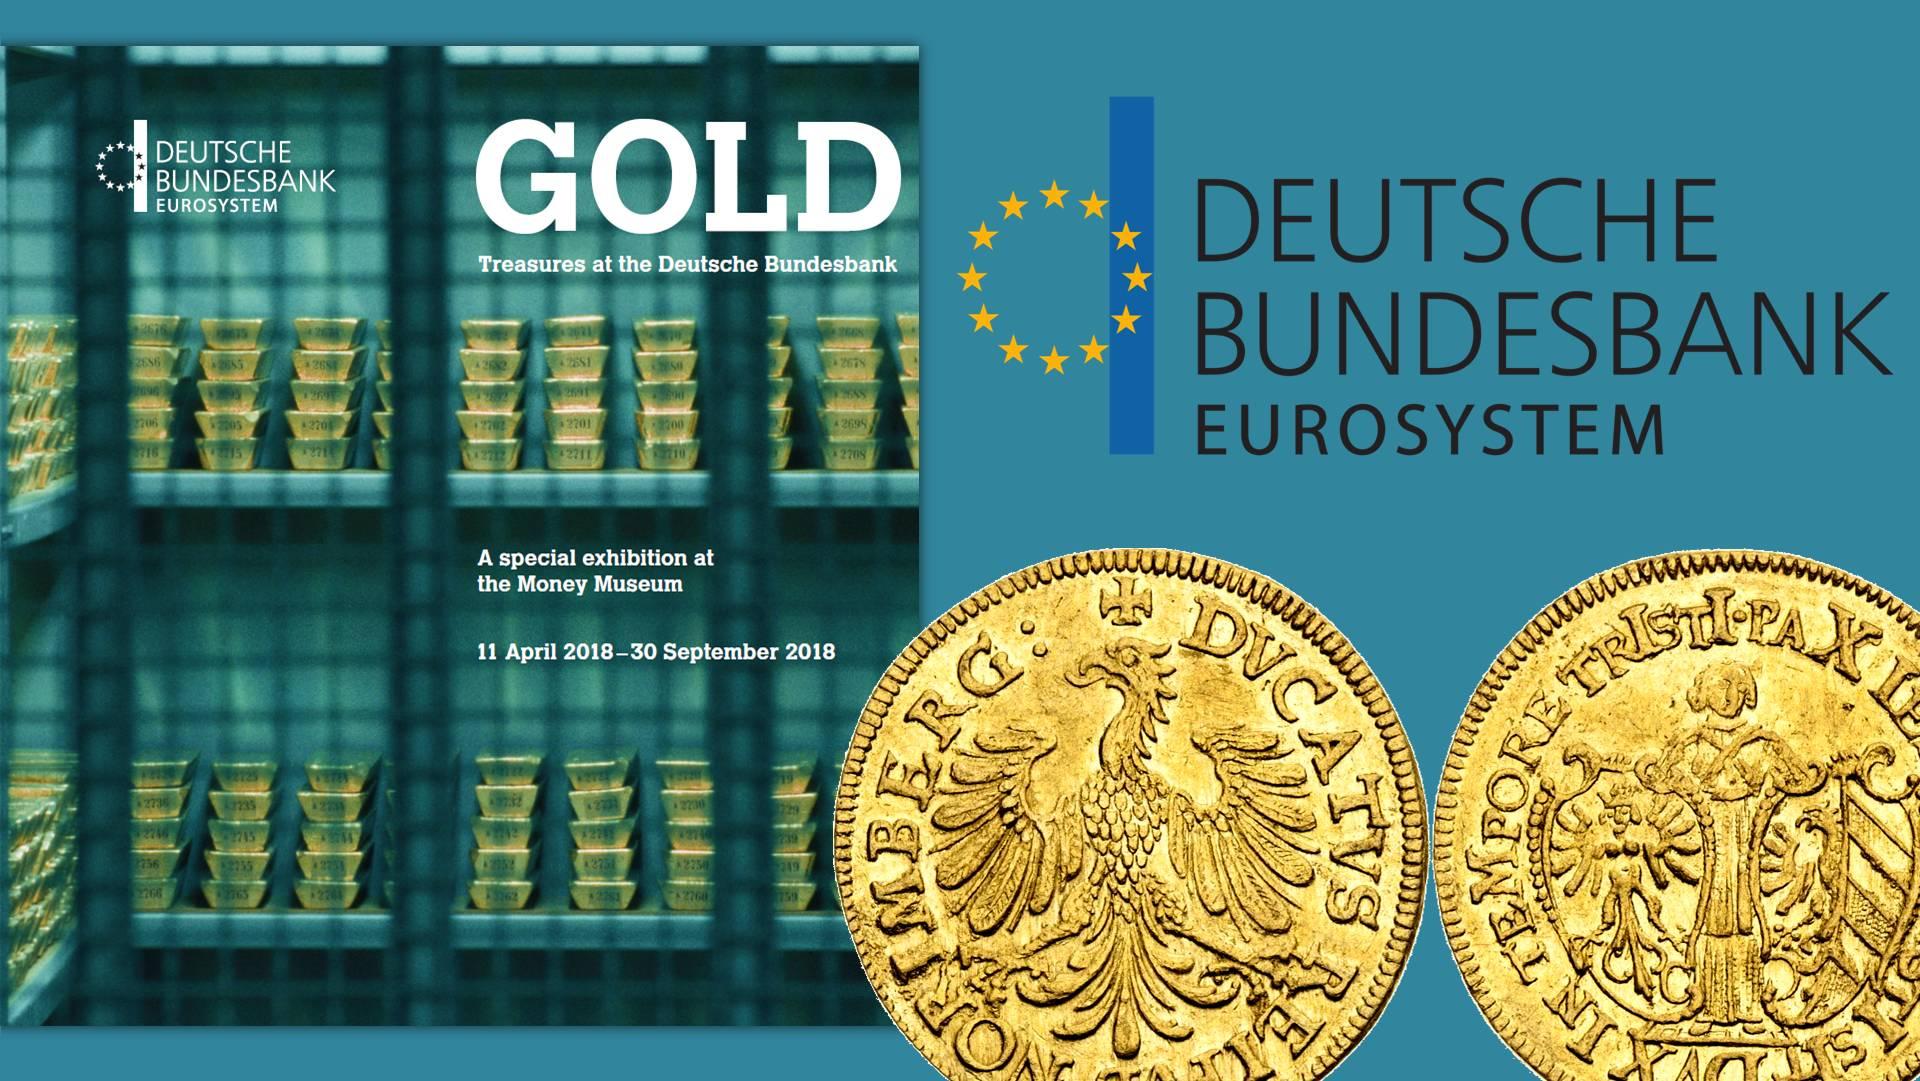 43c8a70add Lingotti e tesori numismatici della Bundesbank in mostra a Francoforte